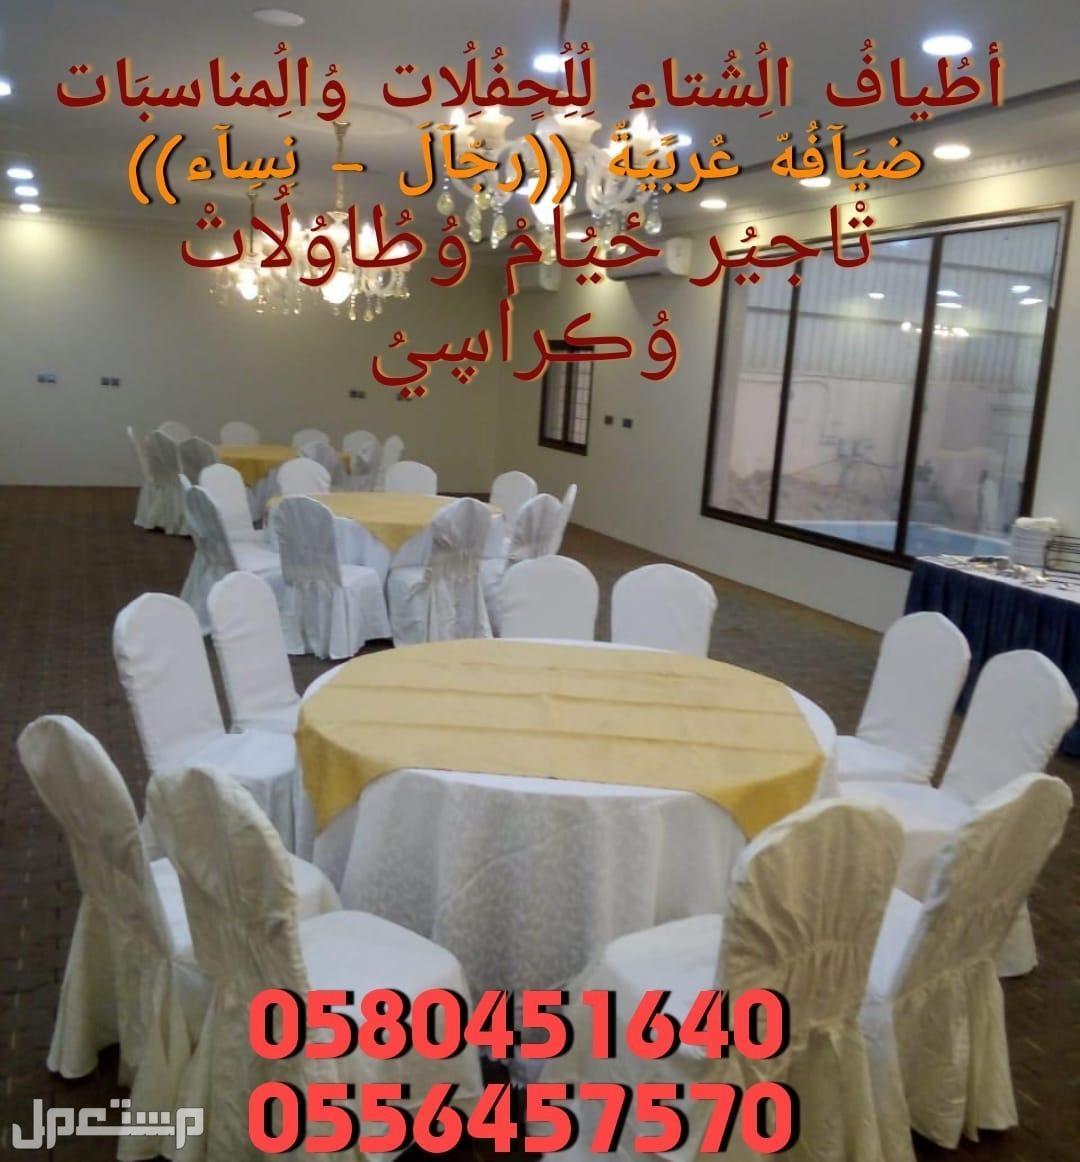 قهوجيين الدمام صبابين قهوه الخبر  تاجير خيام الدمام الشرقيه